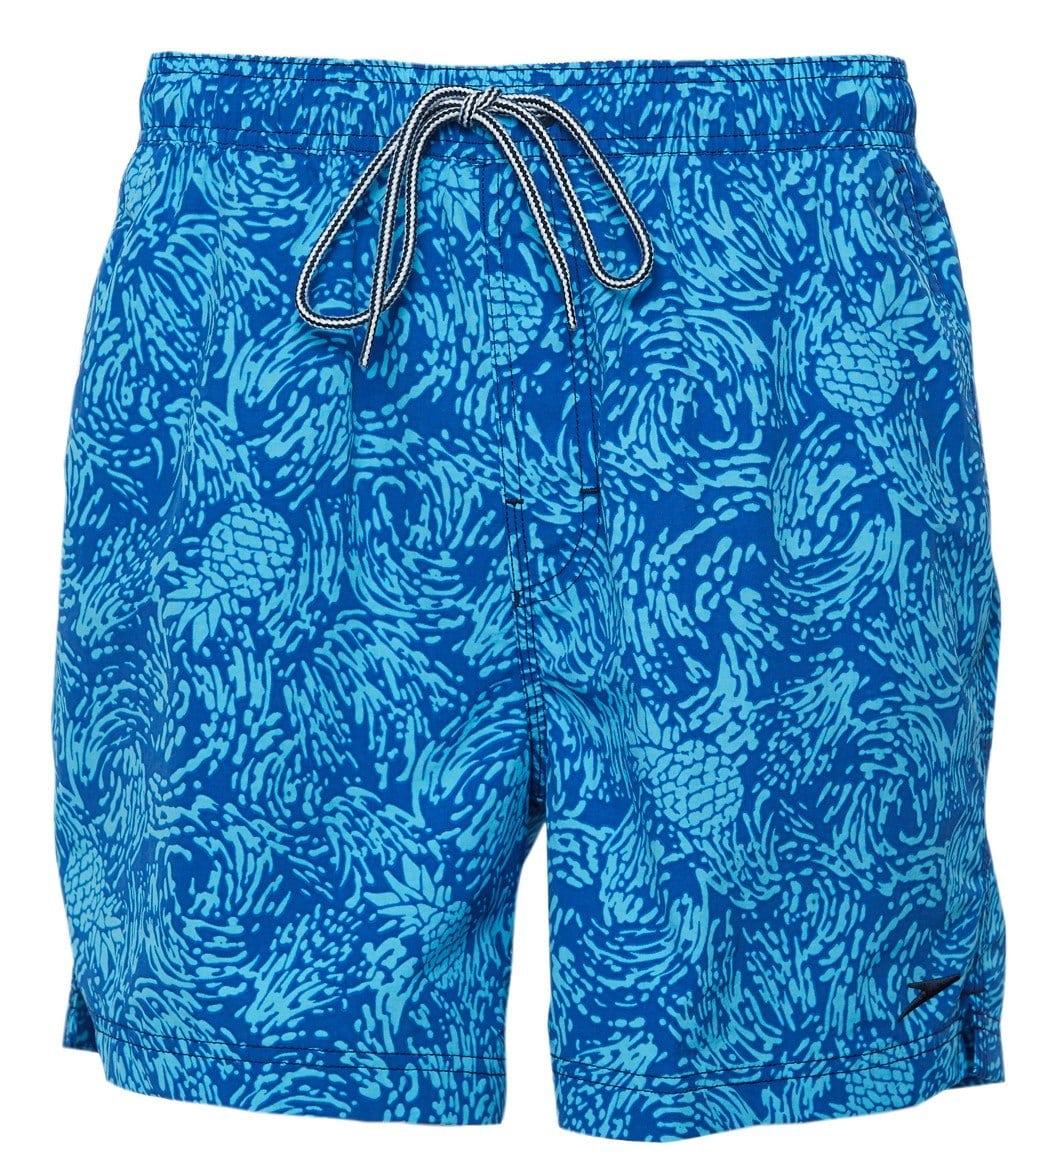 194b724e93 Speedo Men's Pineapple Splash Sunray 16